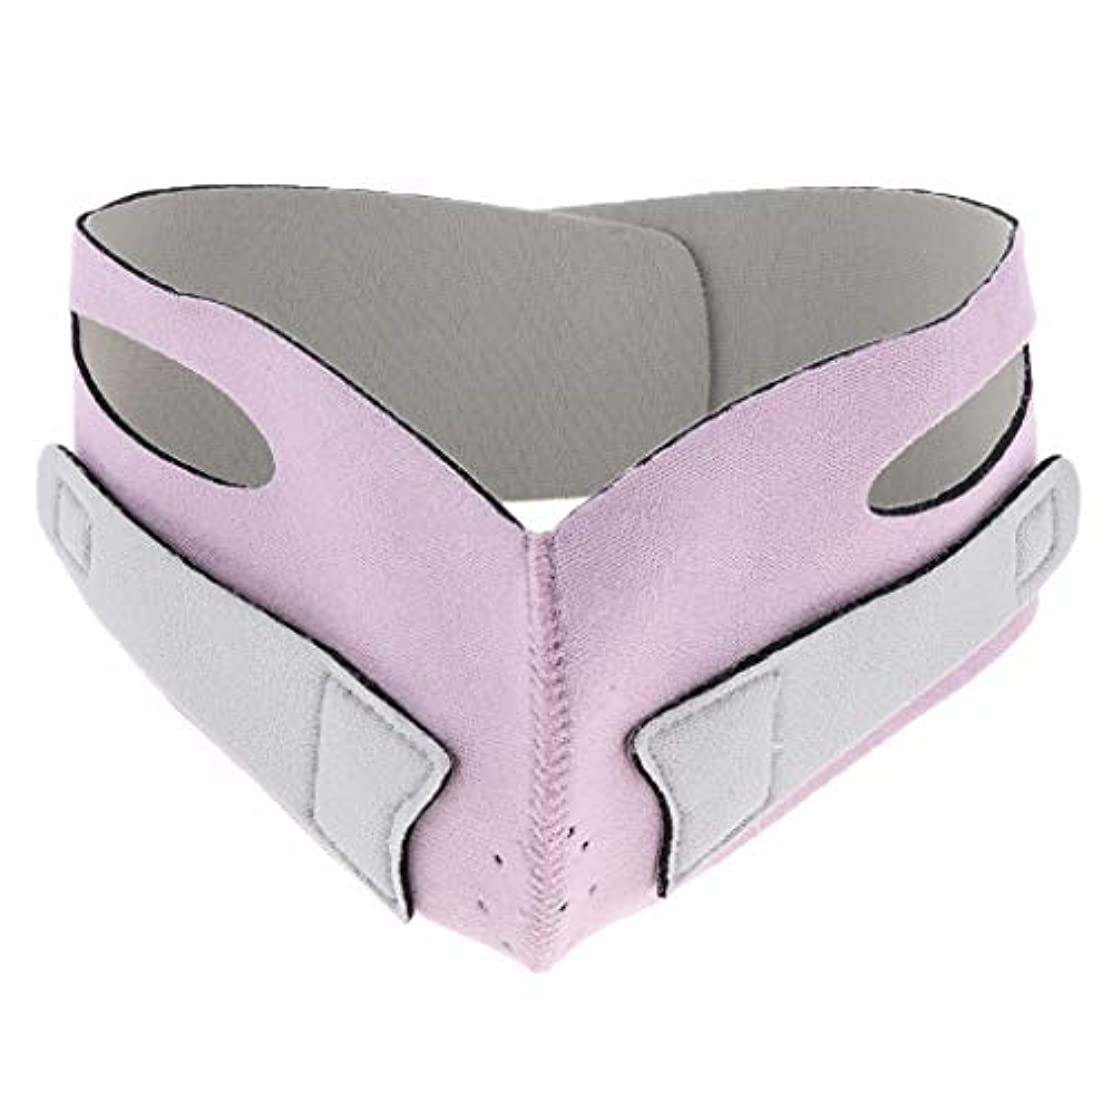 ニコチンバルセロナ腐敗したD DOLITY 引き上げマスク 頬リフトアップ V-ラインマスク リフティング リフトスリムマスク 通気性 全2色 - ピンク